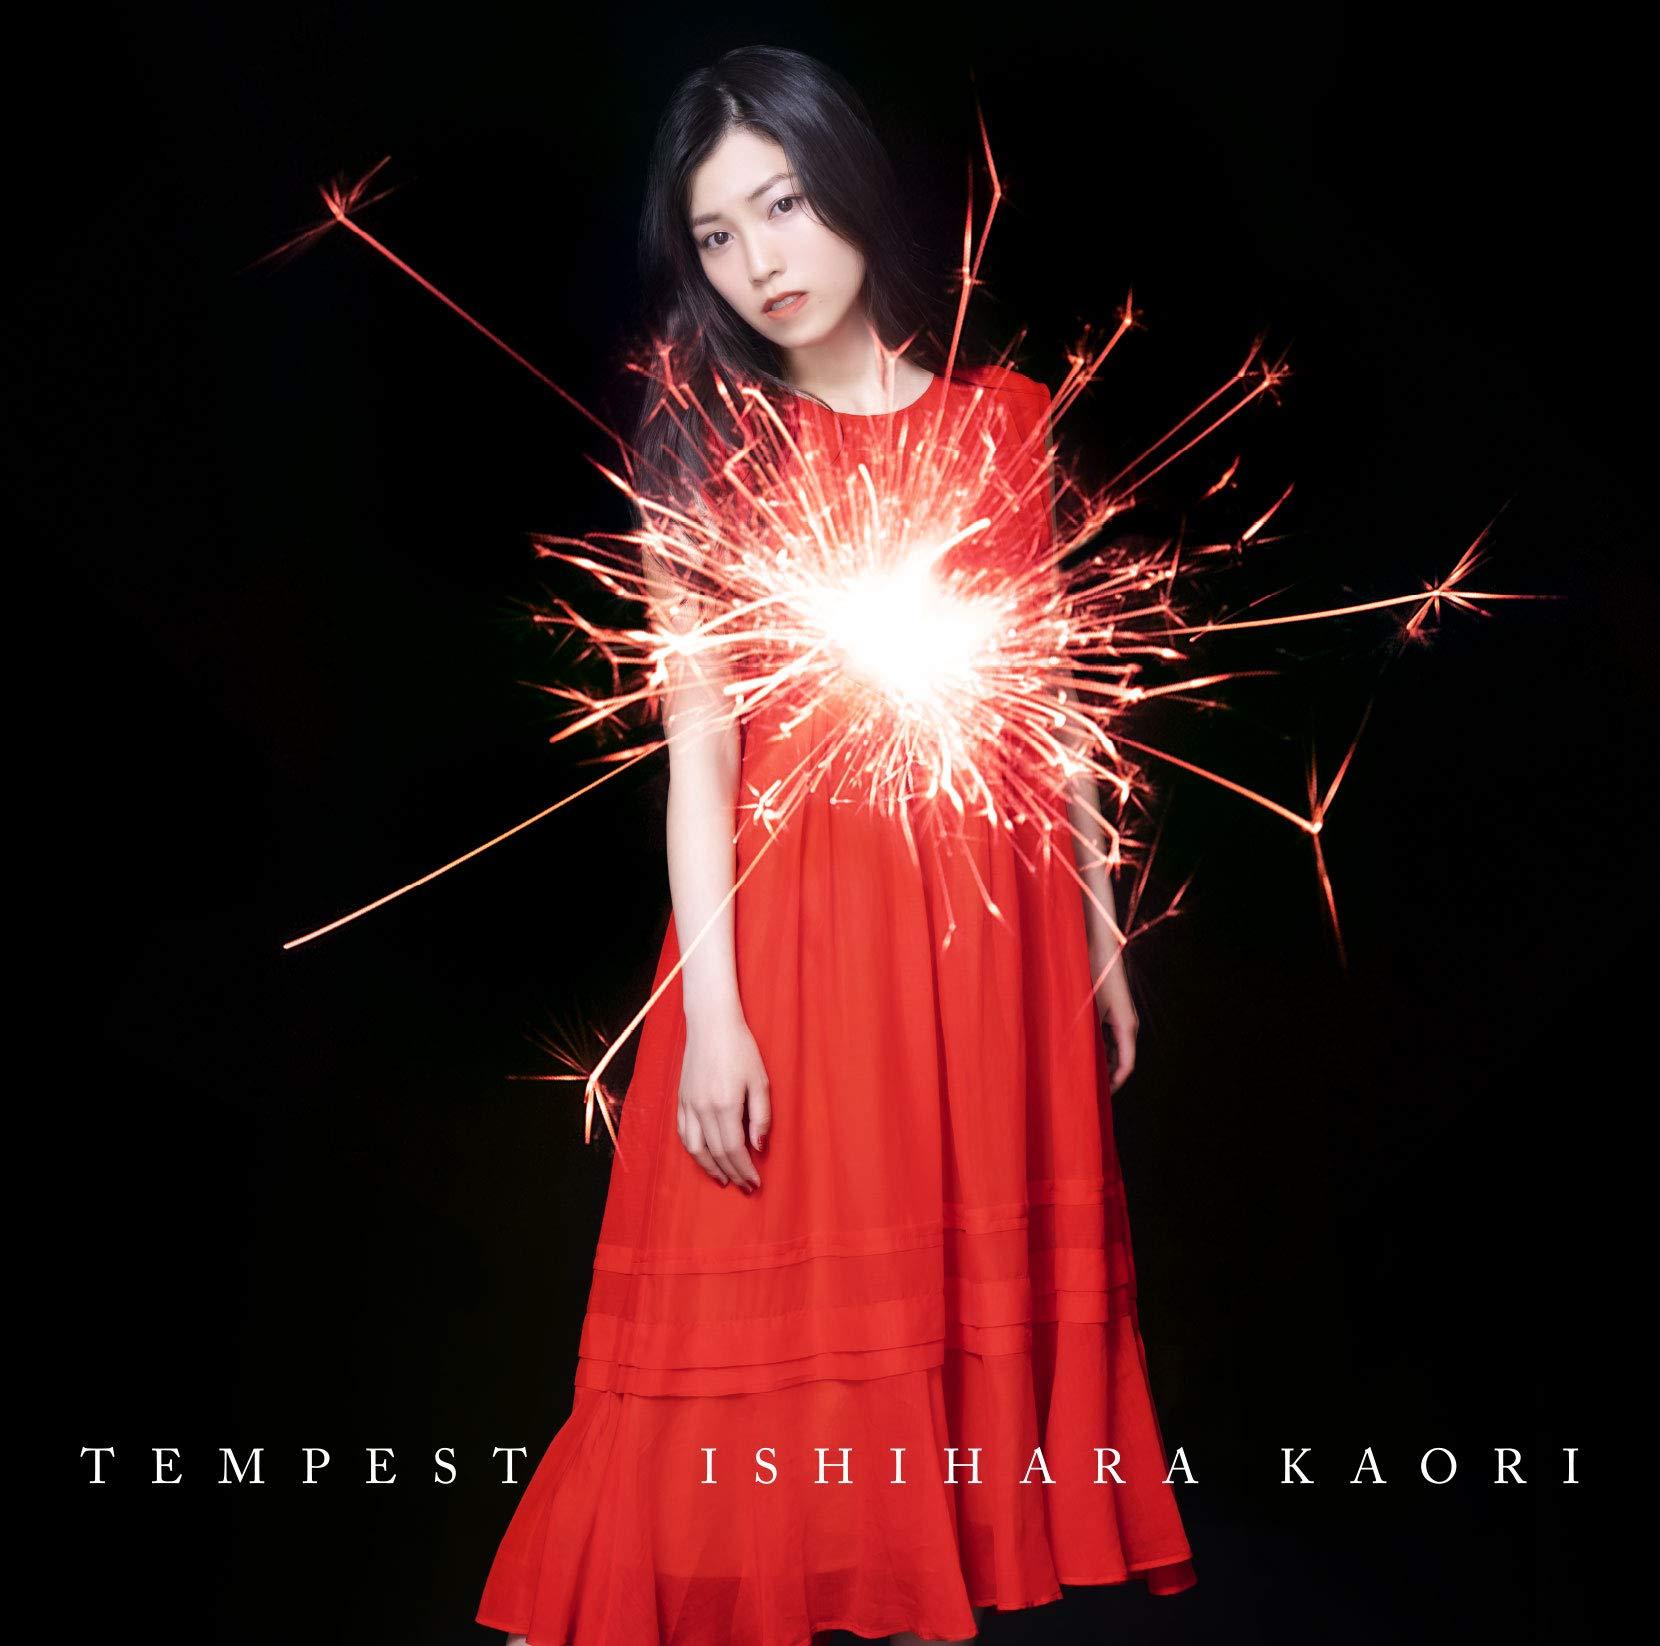 石原夏織/TEMPEST(初回限定盤)